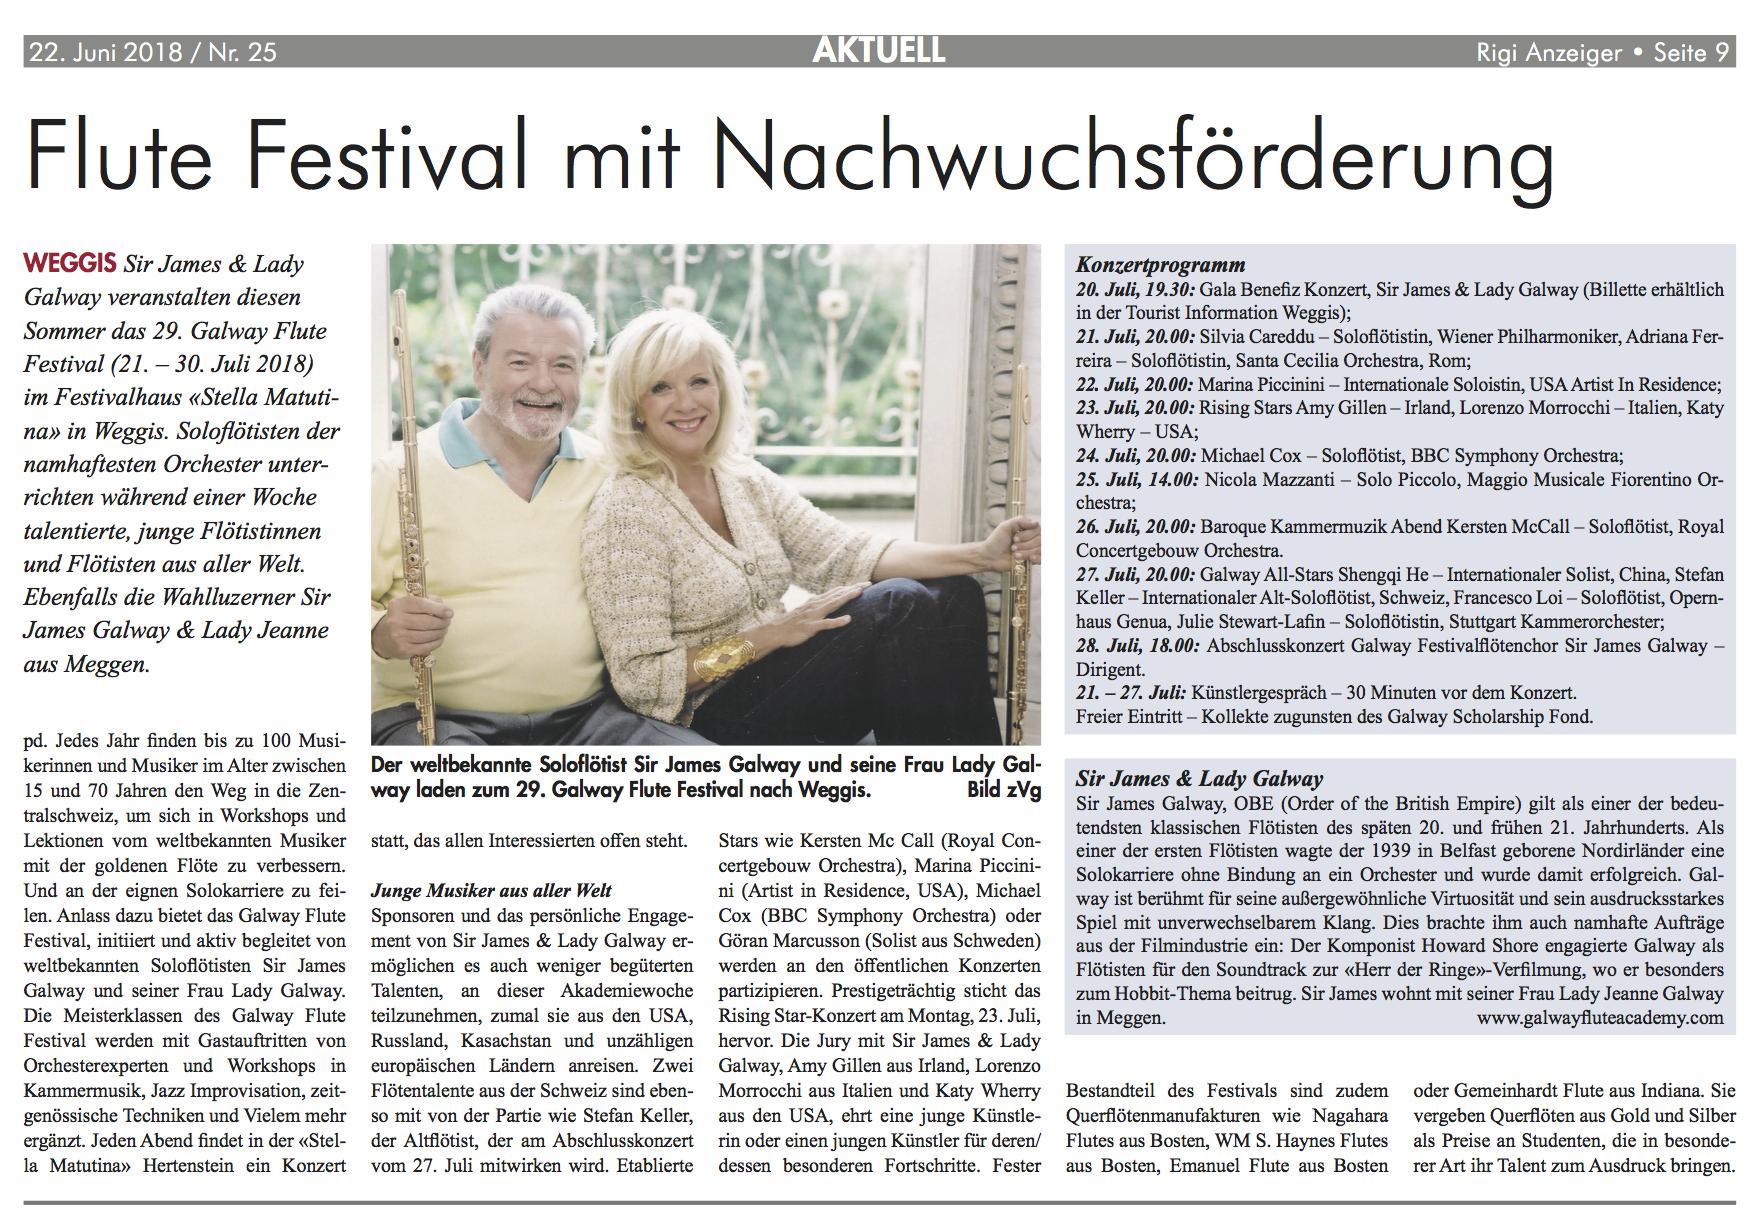 Rigi Anzeiger_22 06 2018_Flute Festival.png